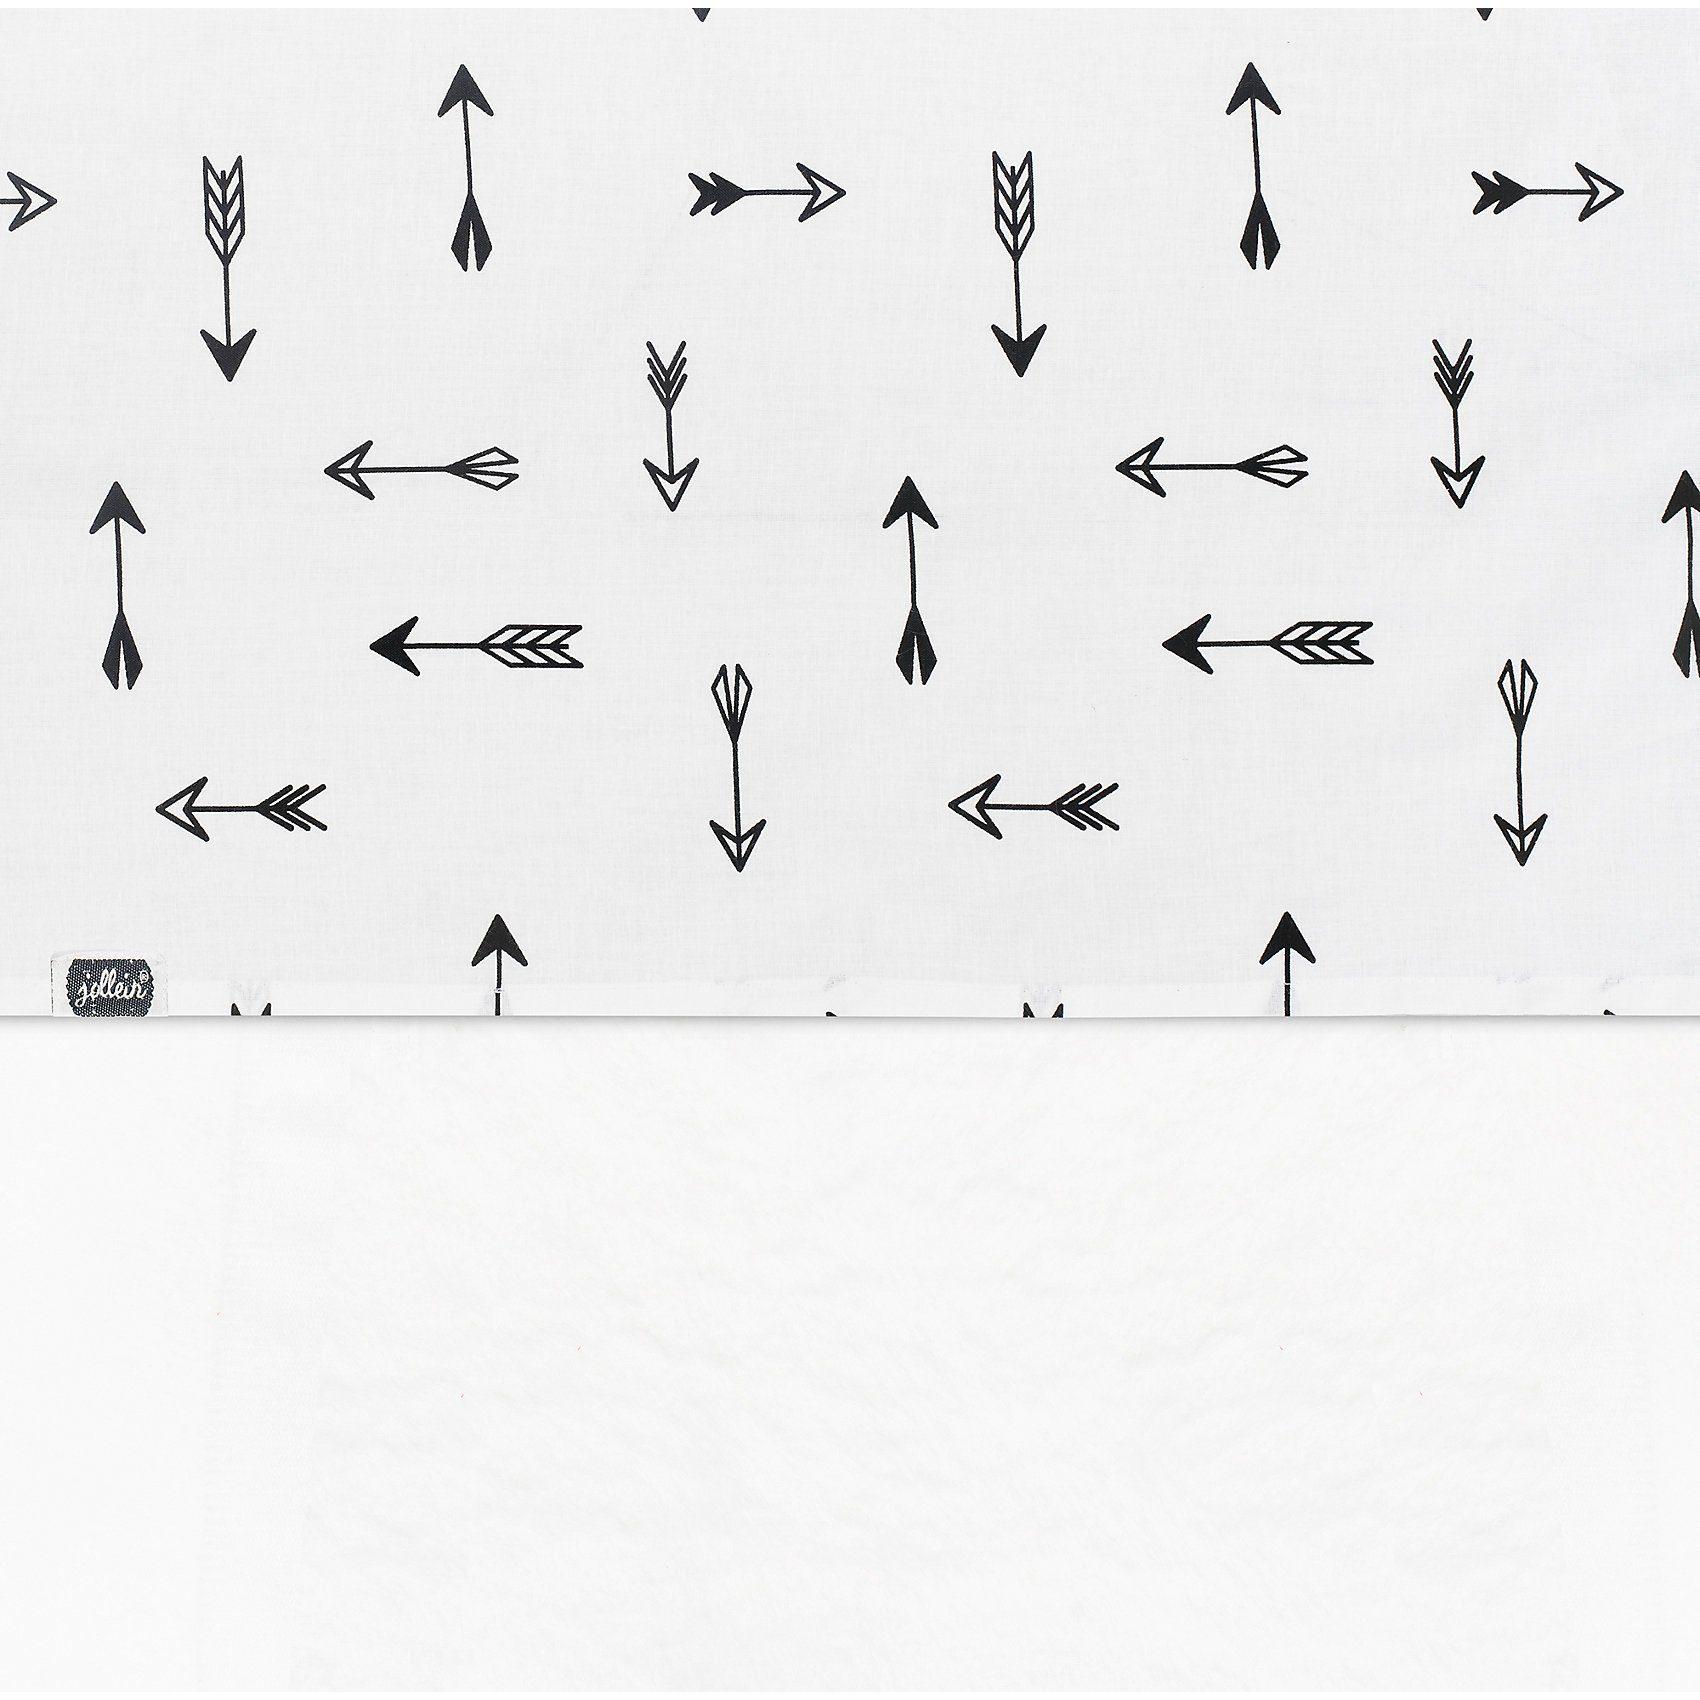 Jollein Bettlaken Baumwolle, Indianer, 120 x 150 cm